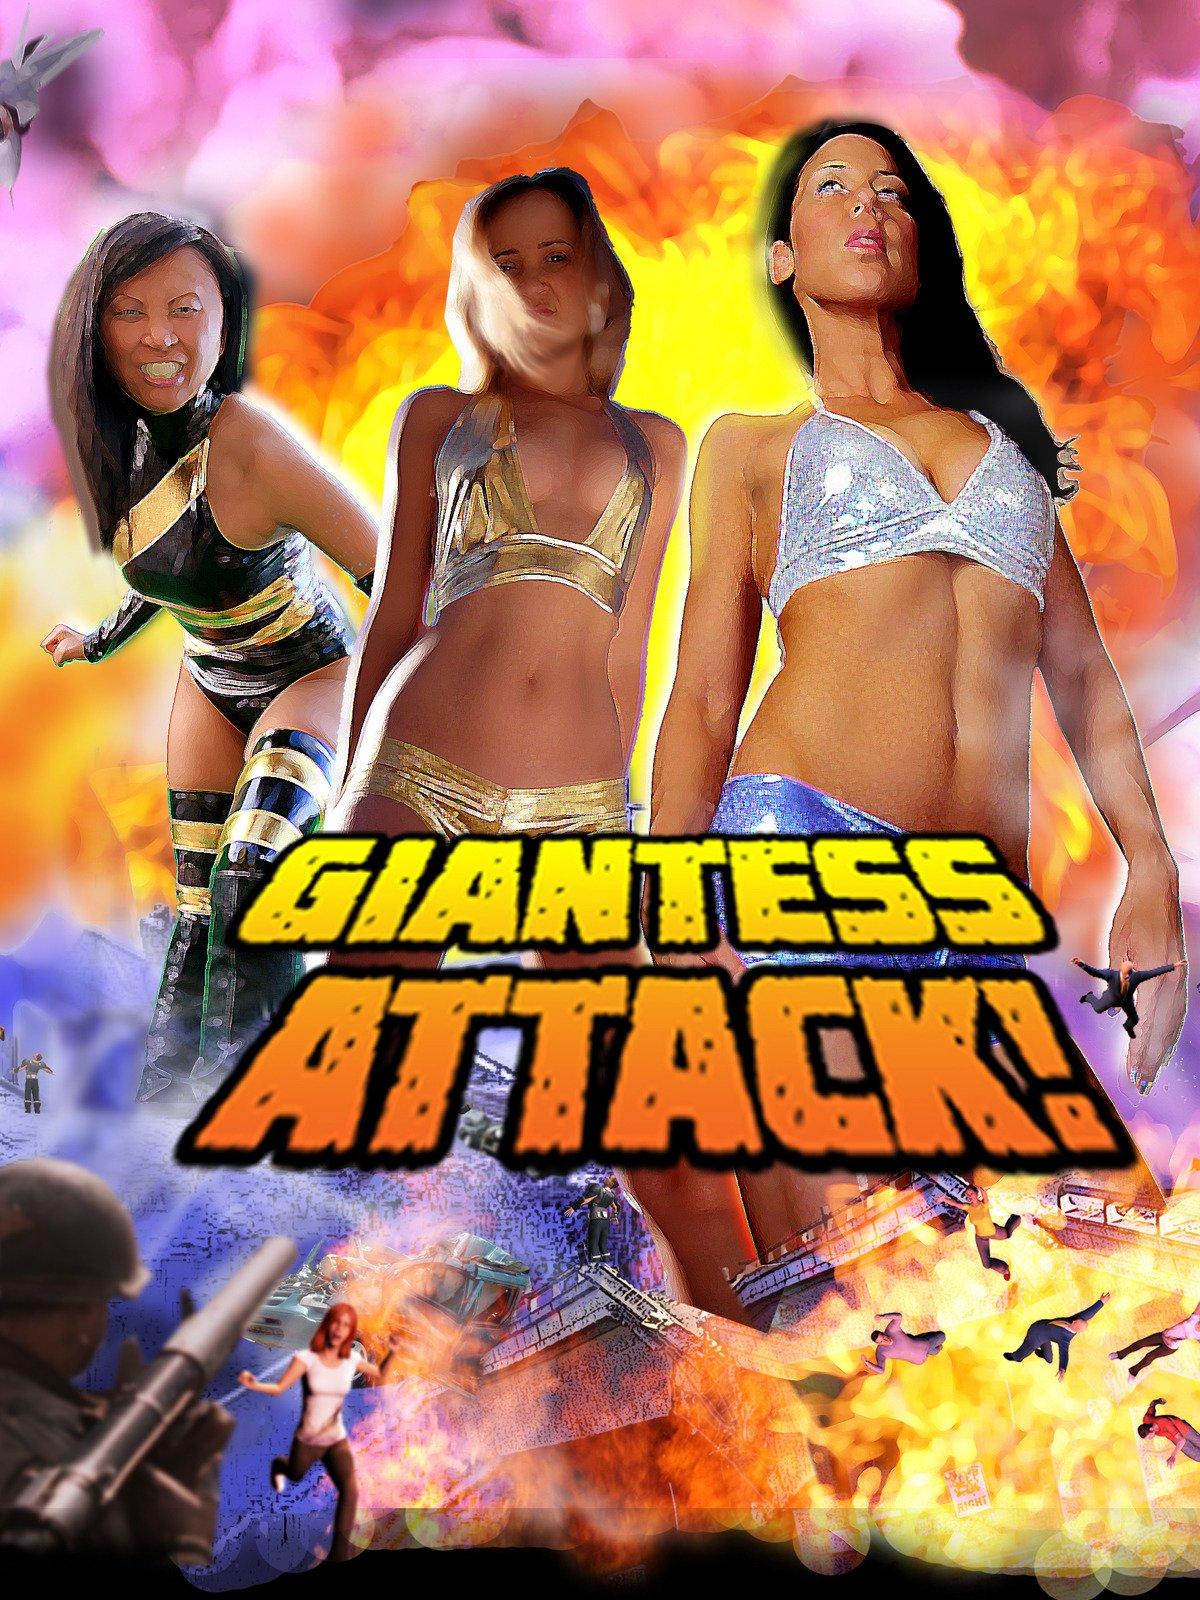 Giantess Attacks